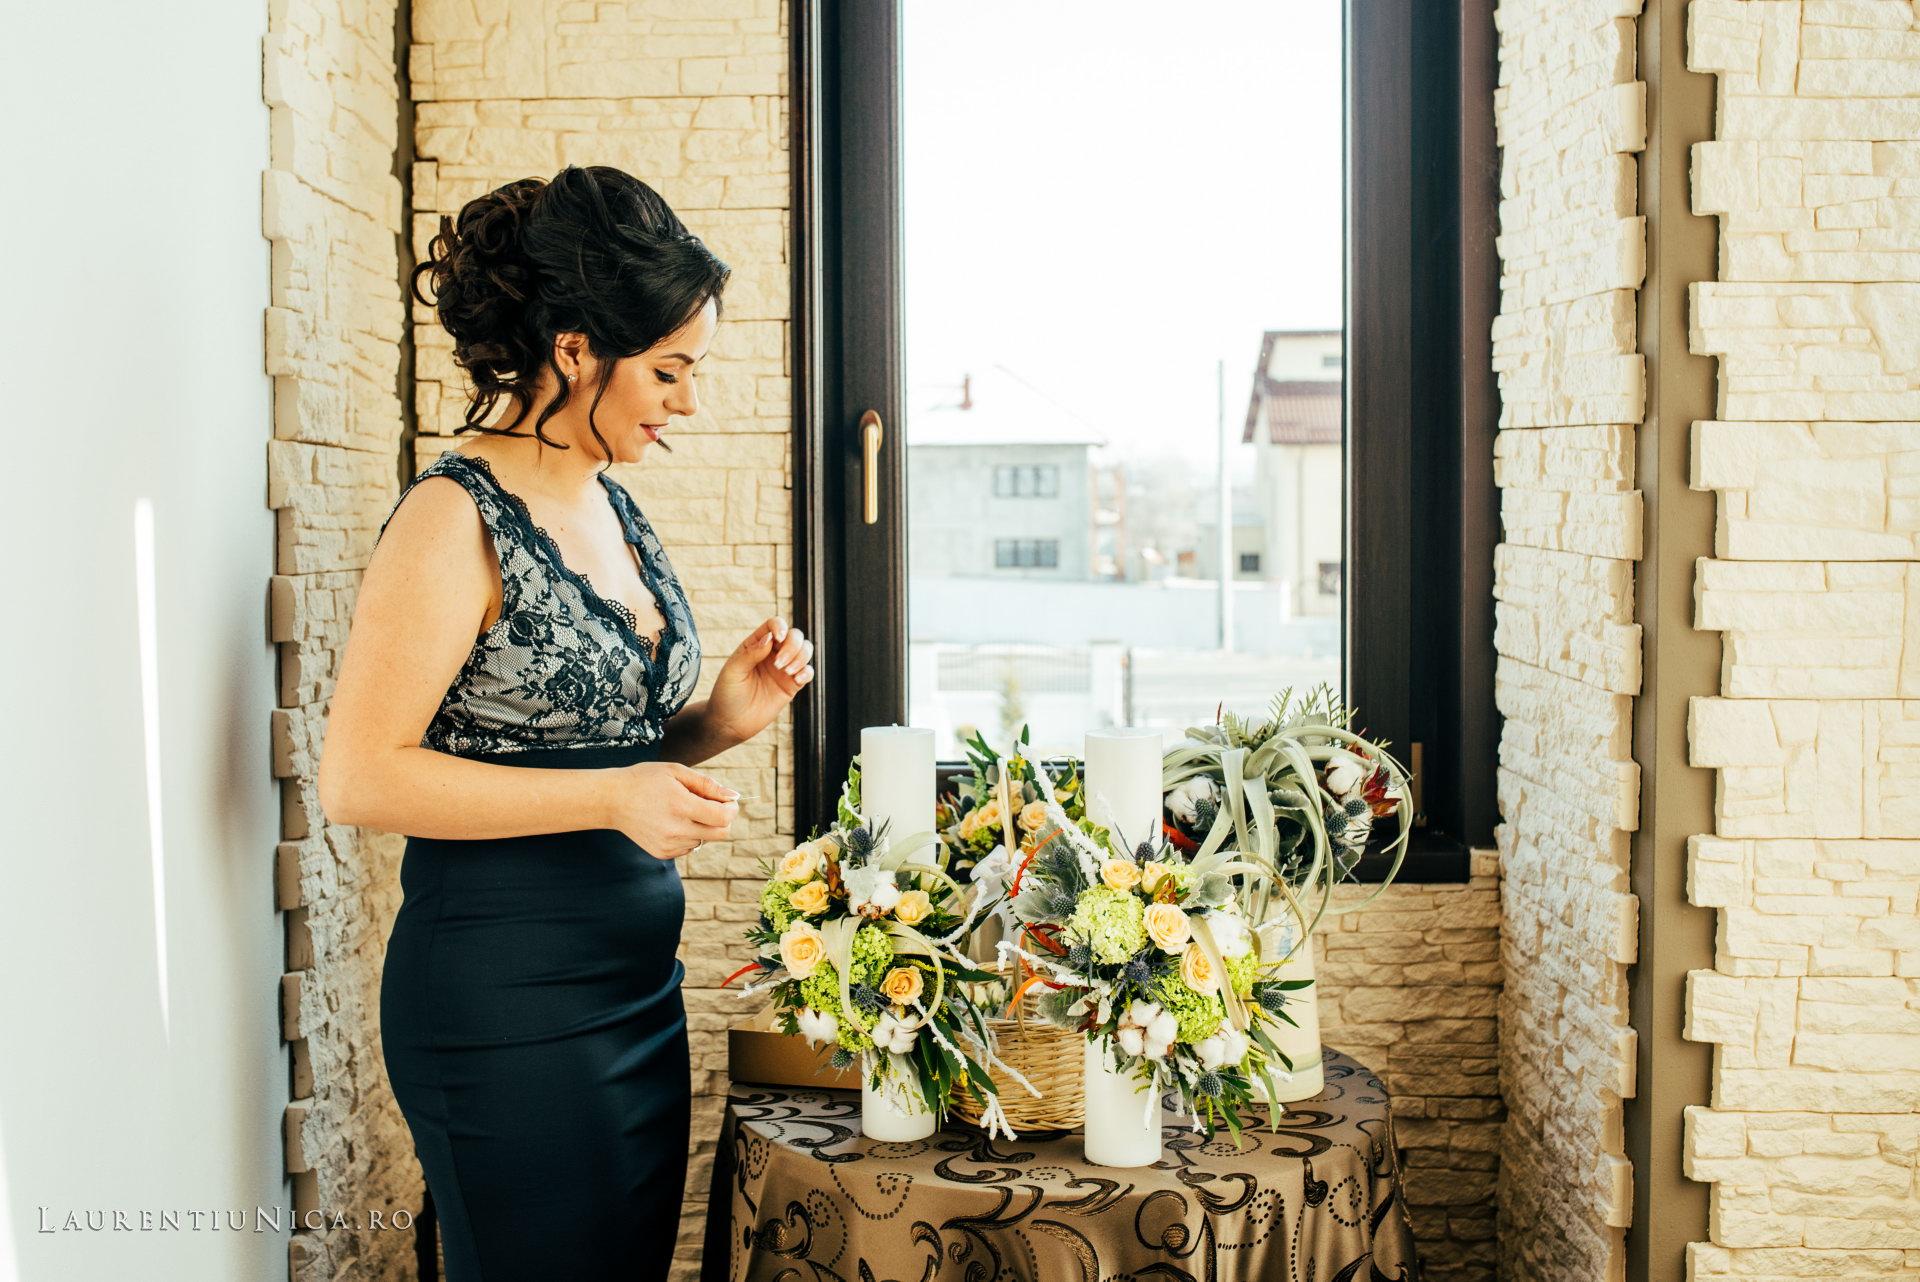 daniela si marius fotografii nunta craiova laurentiu nica04 - Daniela & Marius | Fotografii nunta